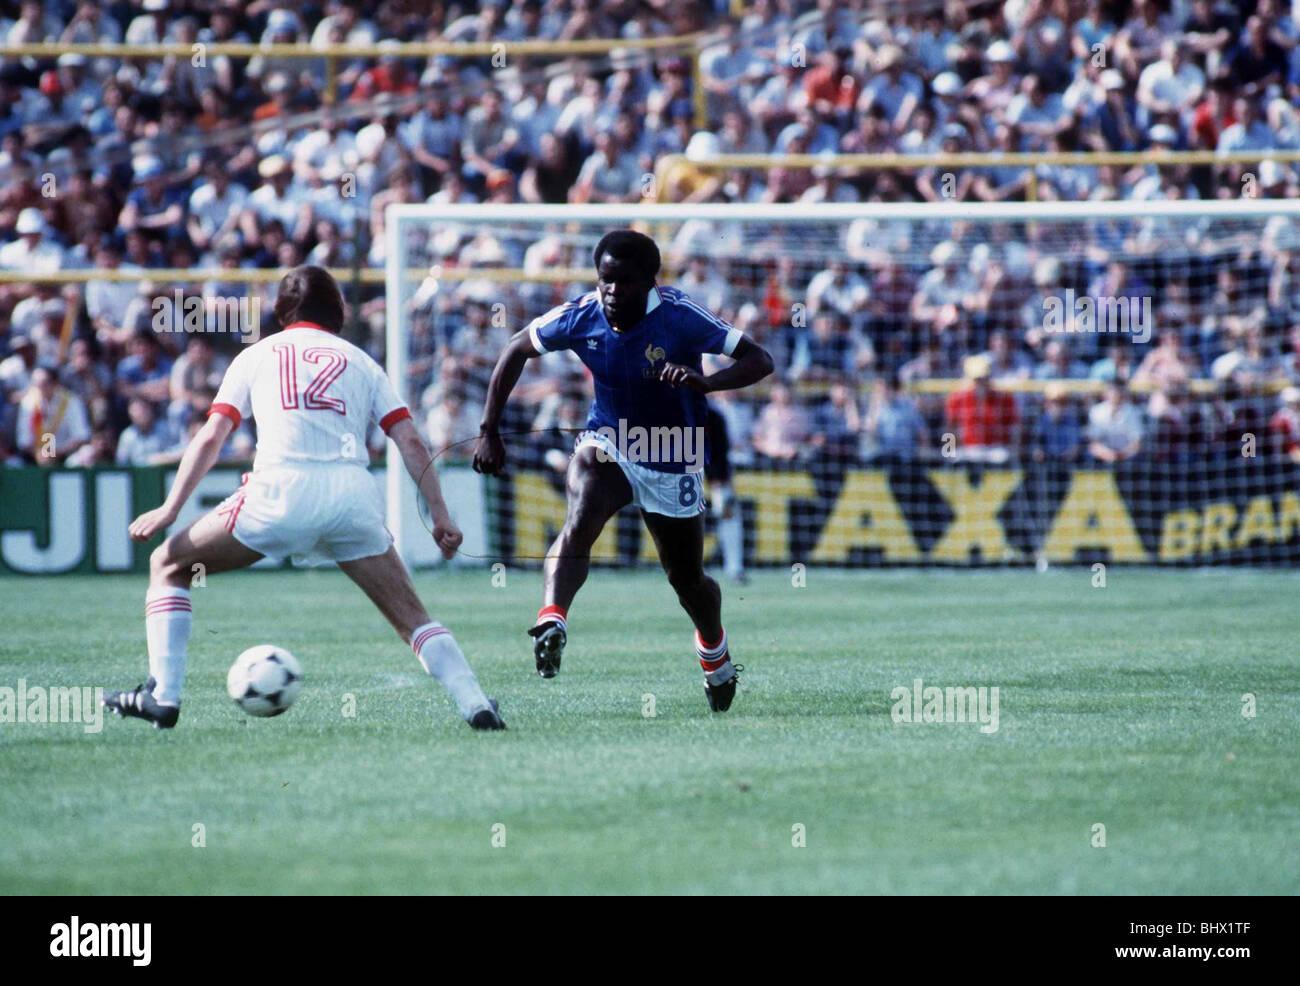 Core60 photos core60 images page 3 alamy - Coupe du monde de football 1982 ...